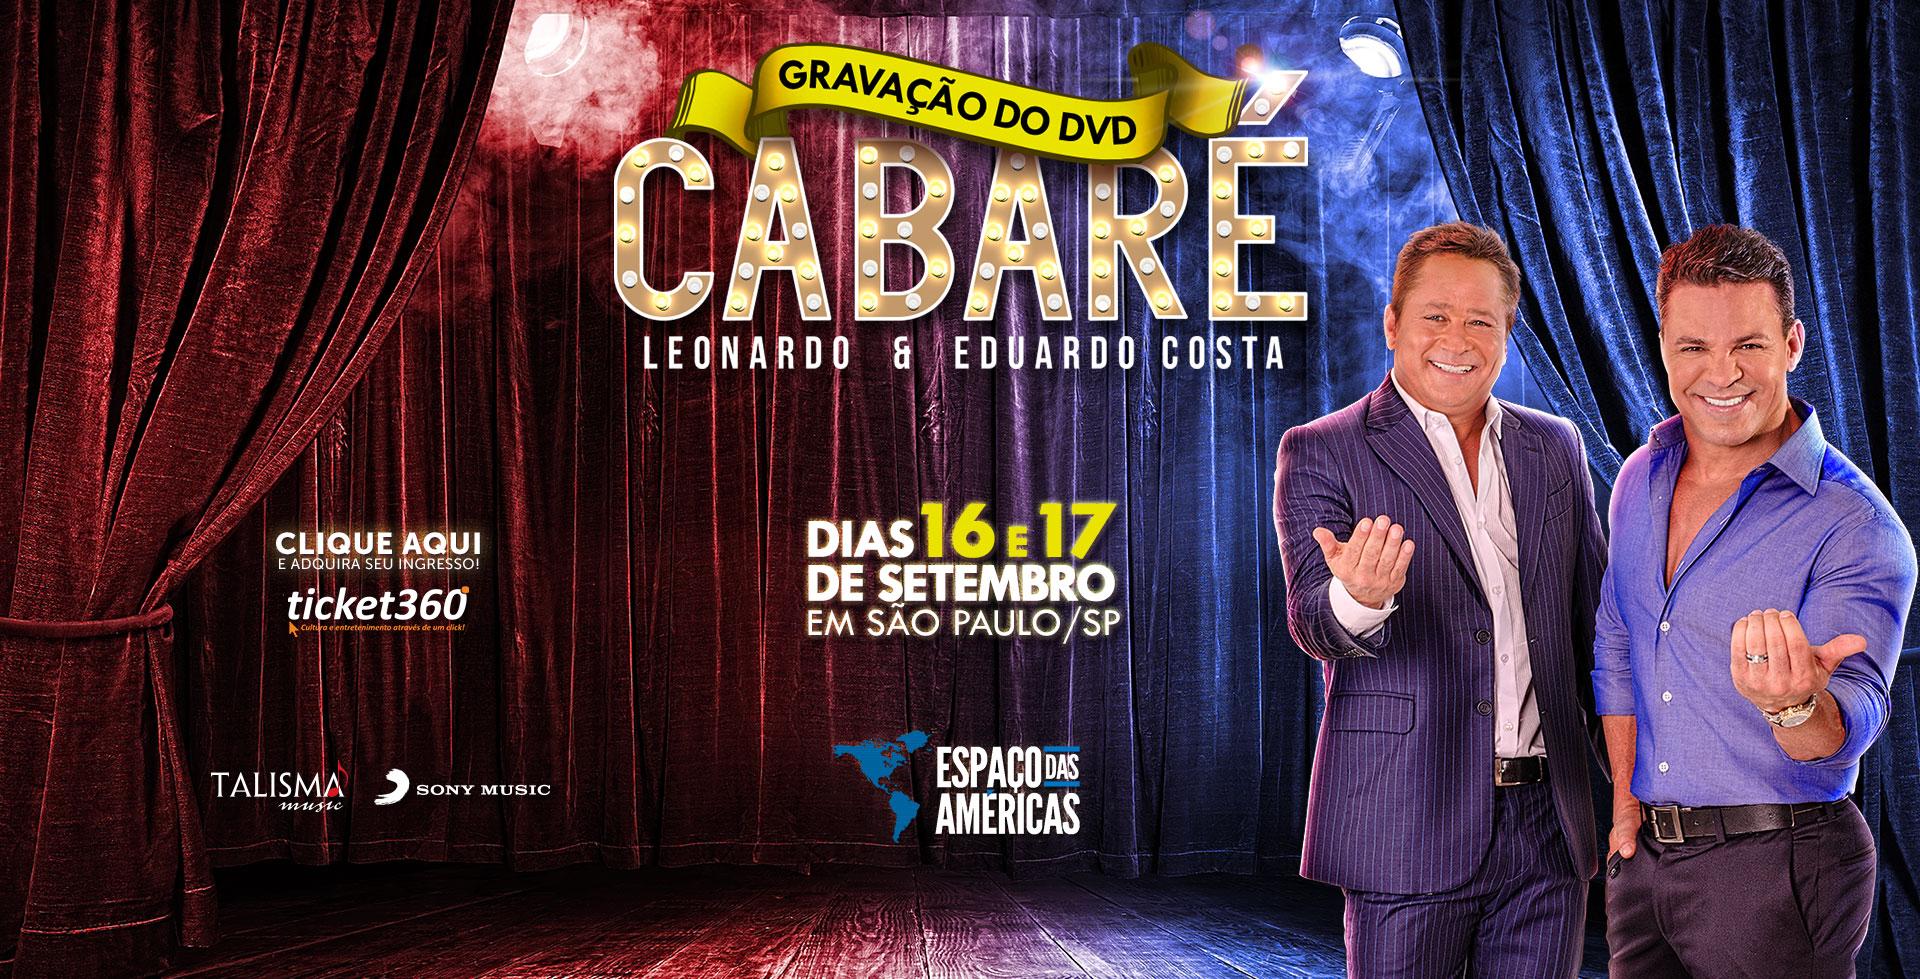 TopSiteLEO_cabare2